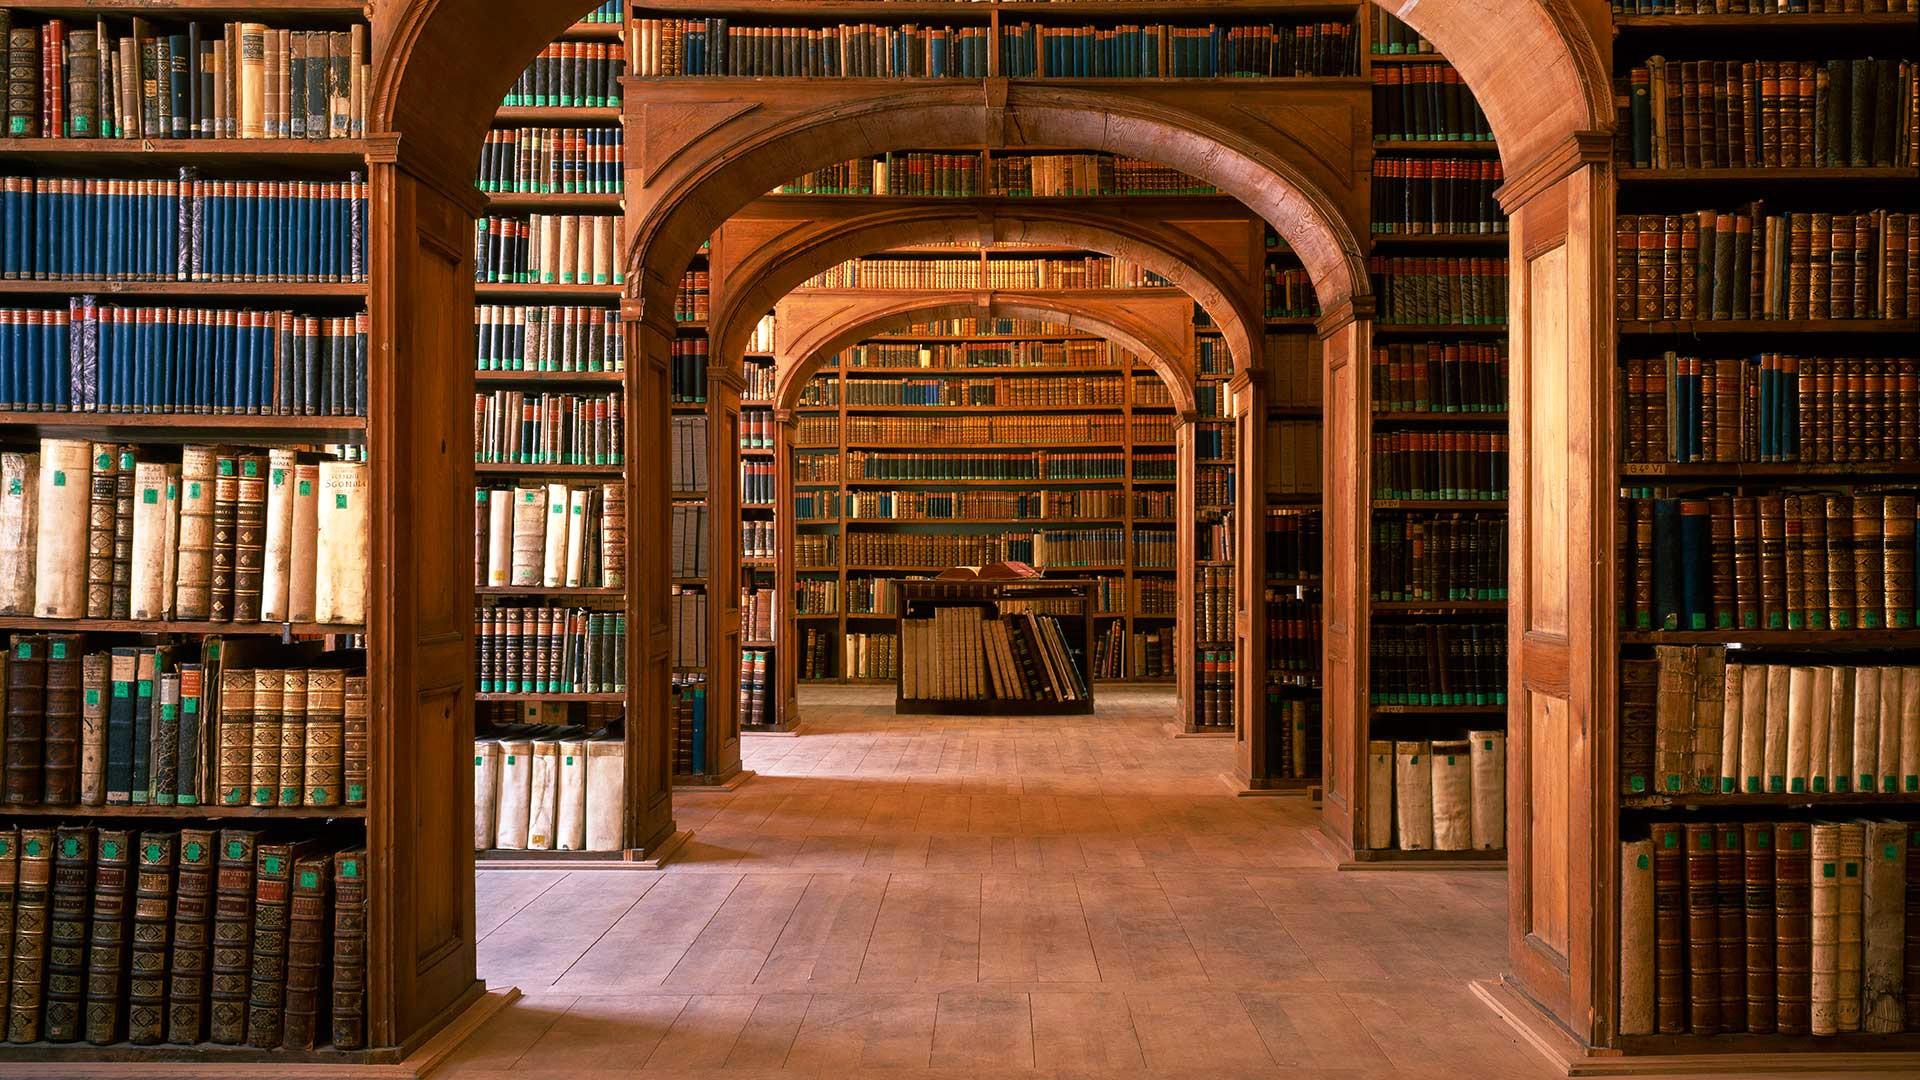 Fondos de pantalla edificio interior libros for Diseno de interiores universidad publica